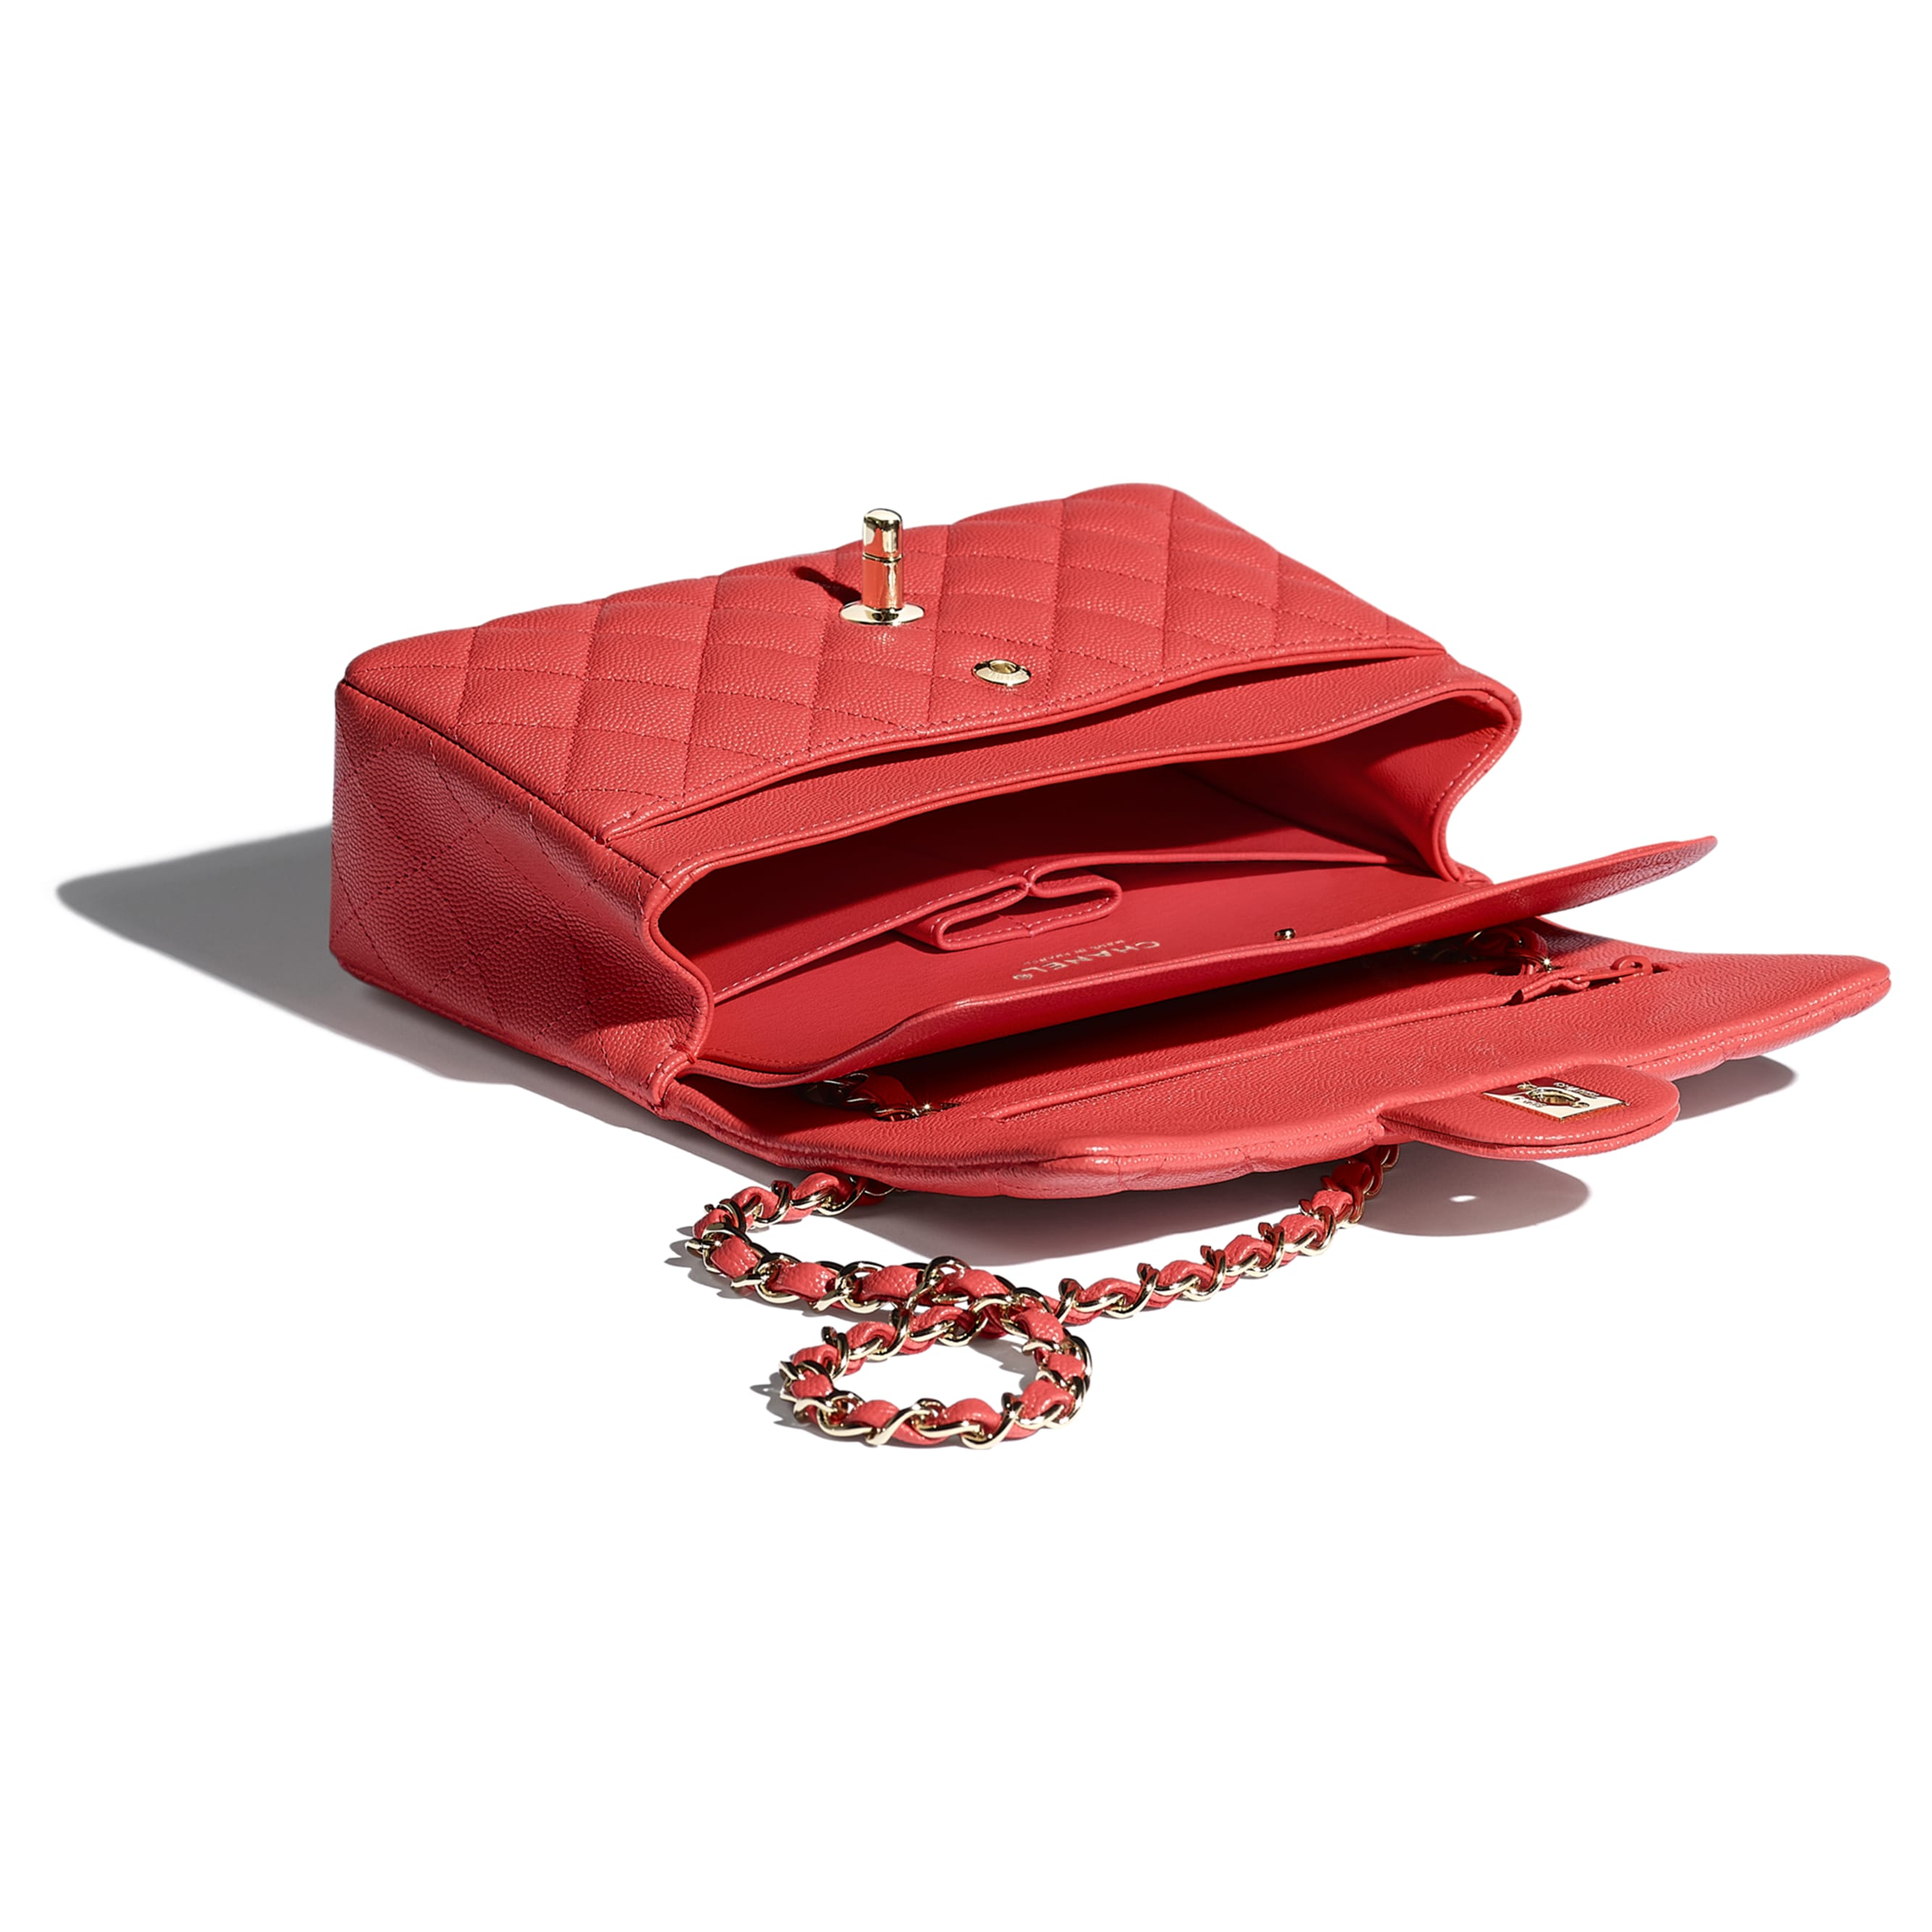 Mała klasyczna torebka - Kolor czerwony - Skóra cielęca o ziarnistej fakturze i metal w tonacji złotej - CHANEL - Inny widok – zobacz w standardowym rozmiarze